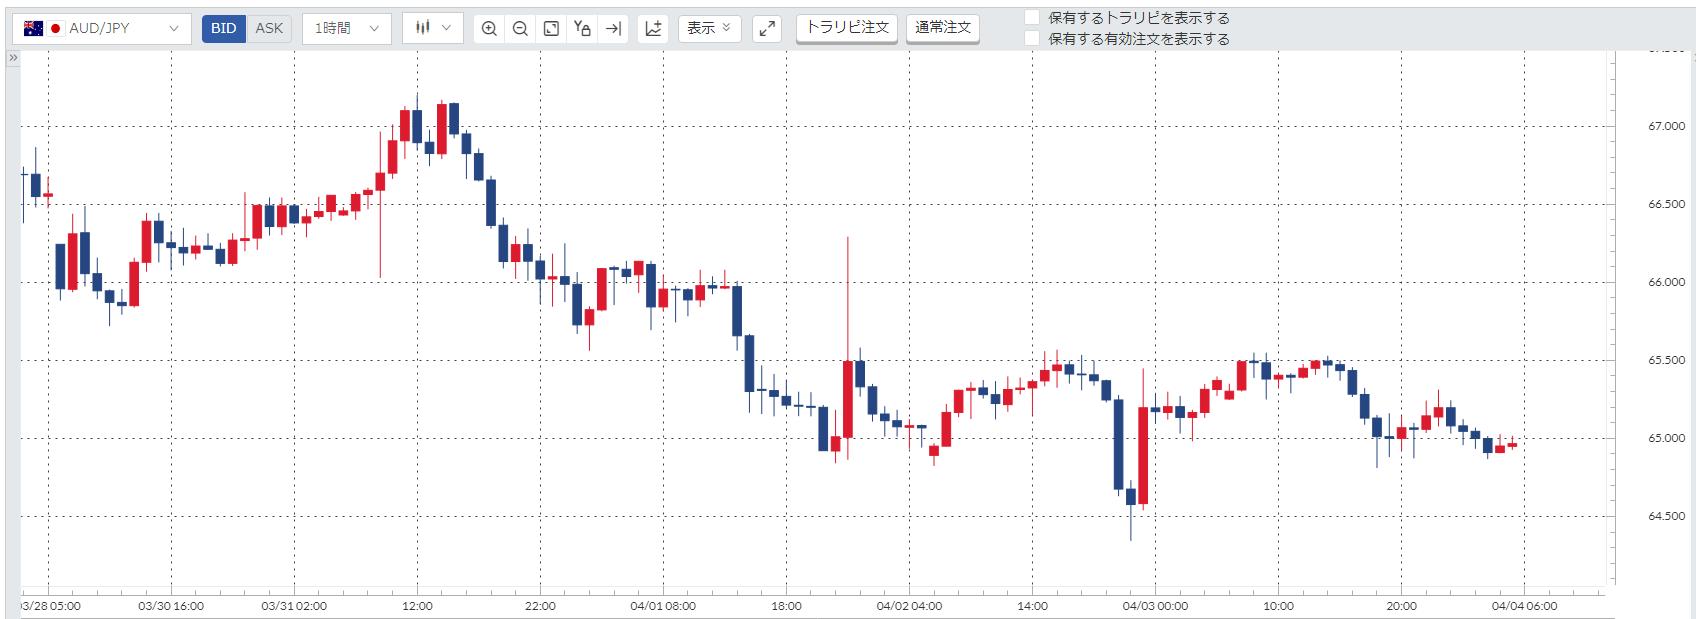 豪ドル円(AUD/JPY)週間チャート